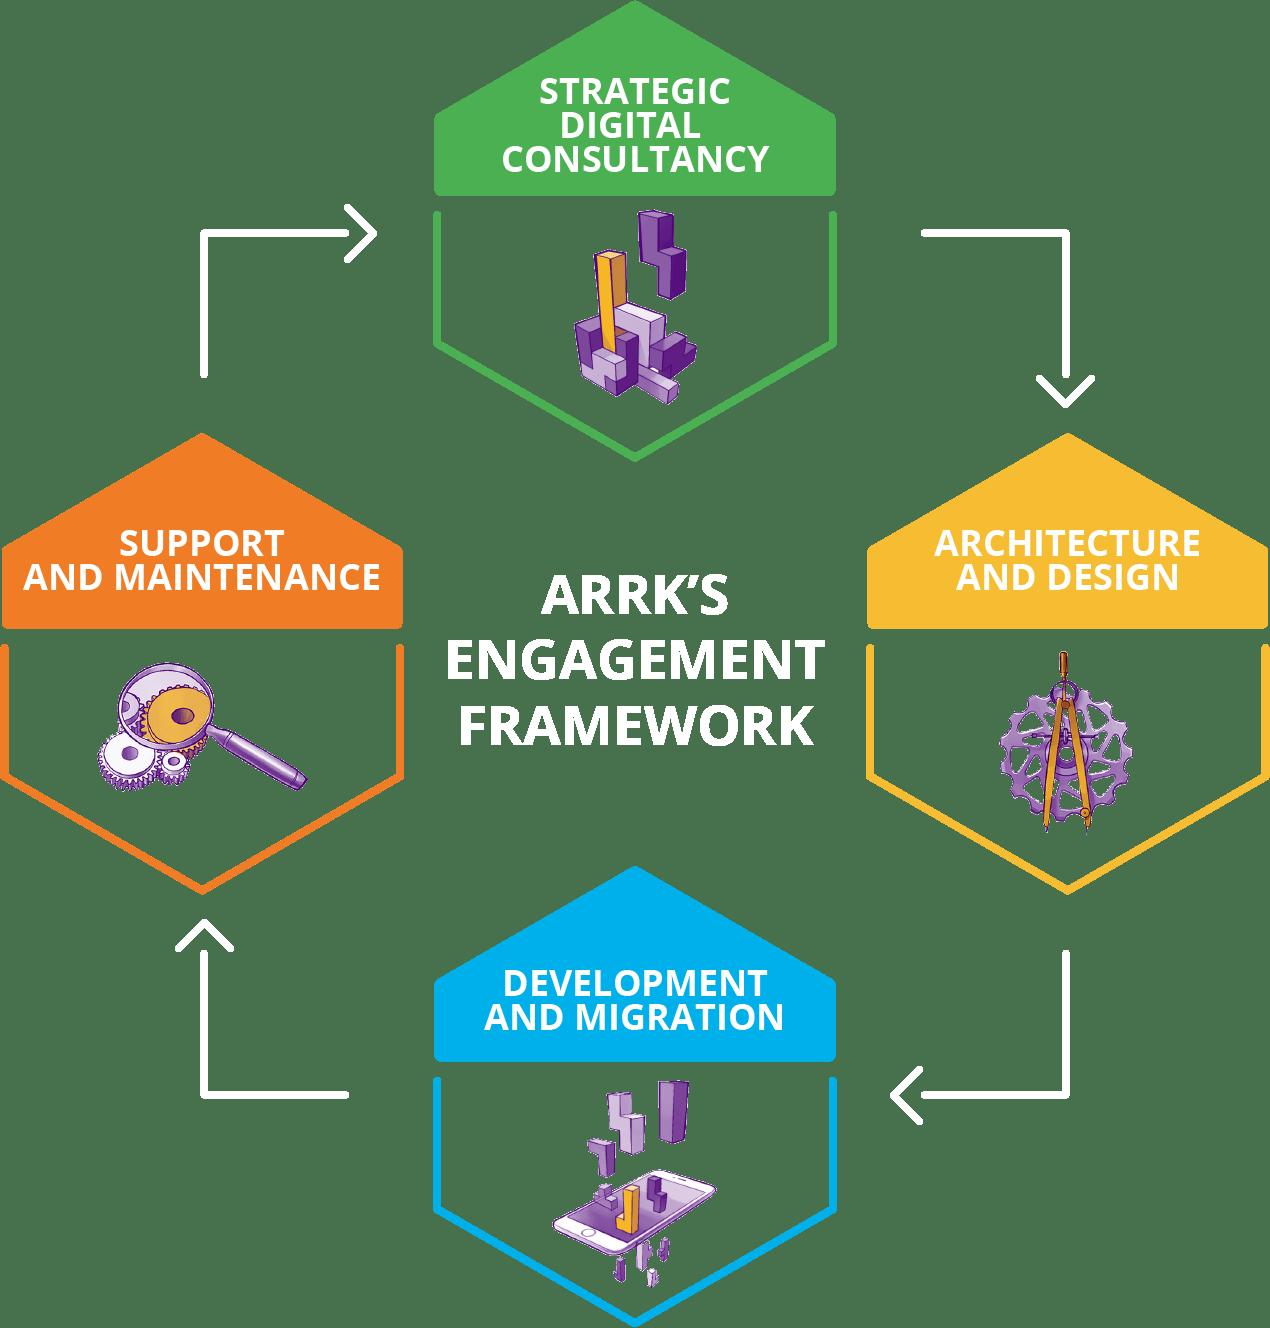 Arrk | Achieve a competitive advantage